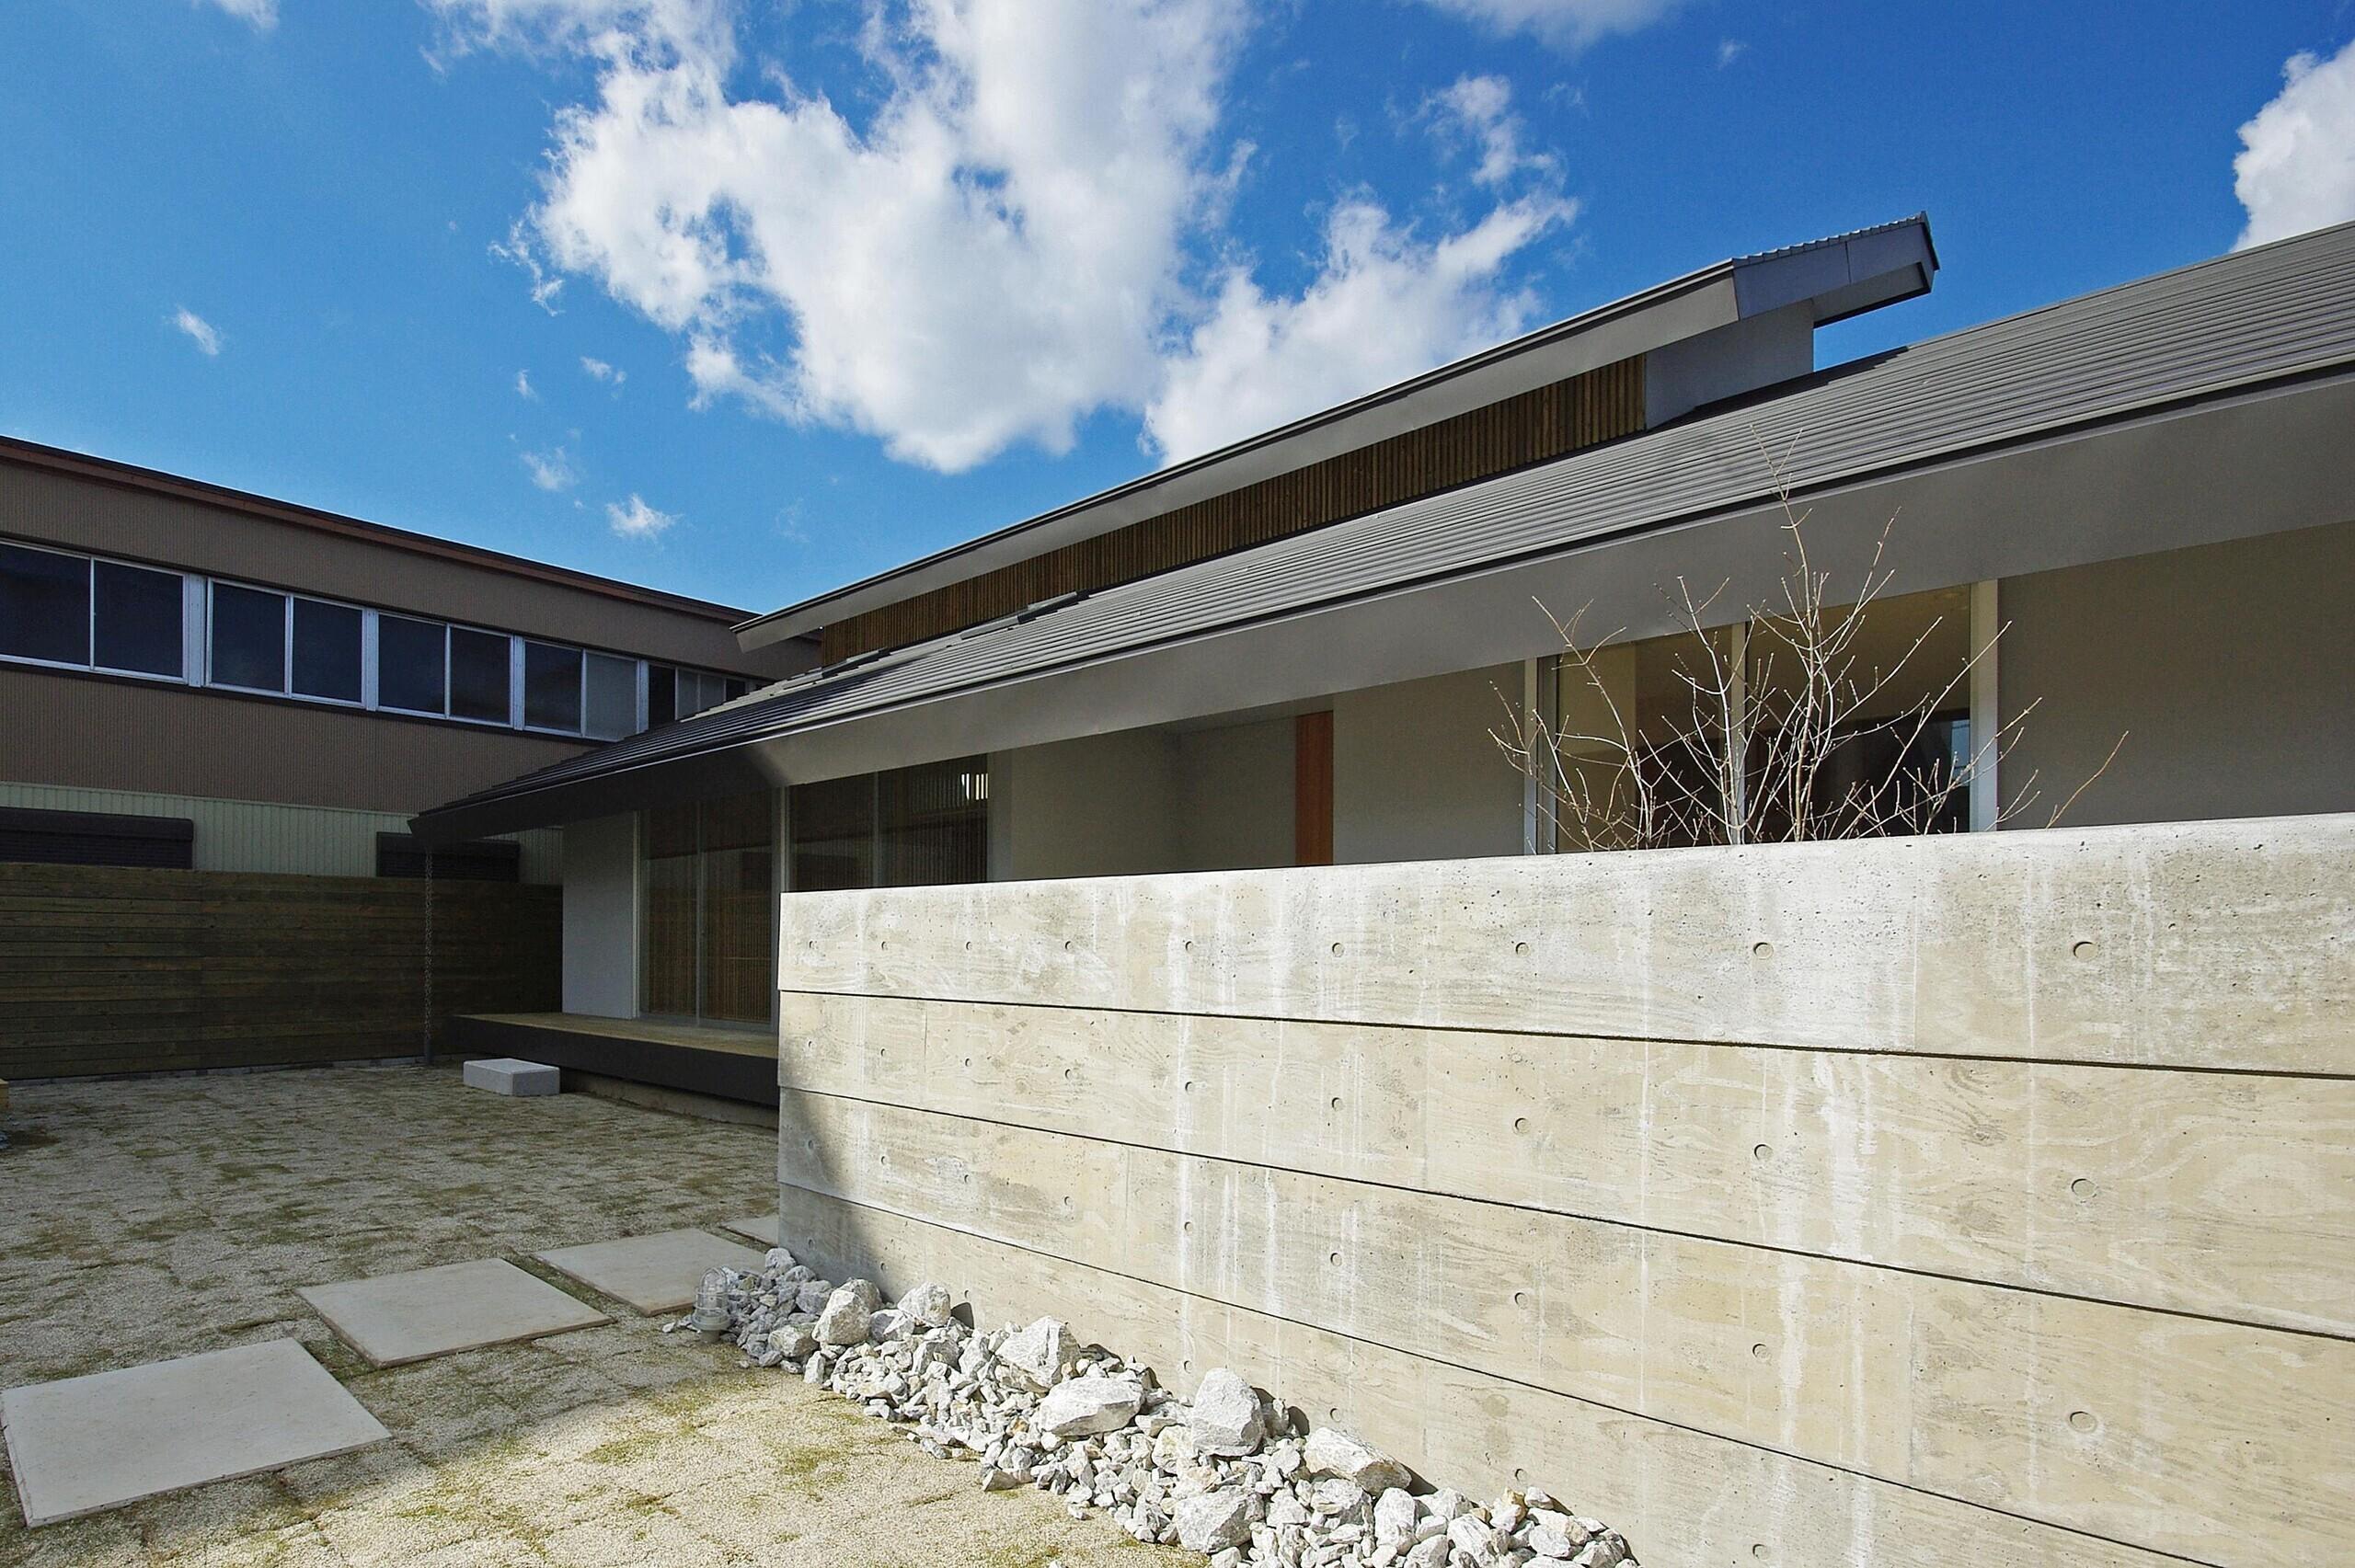 和風のどっしりとした外観ですが、スッキリ見えるよう、細かな納まりに気をつかっています。 | 常盤の家-tokiwa